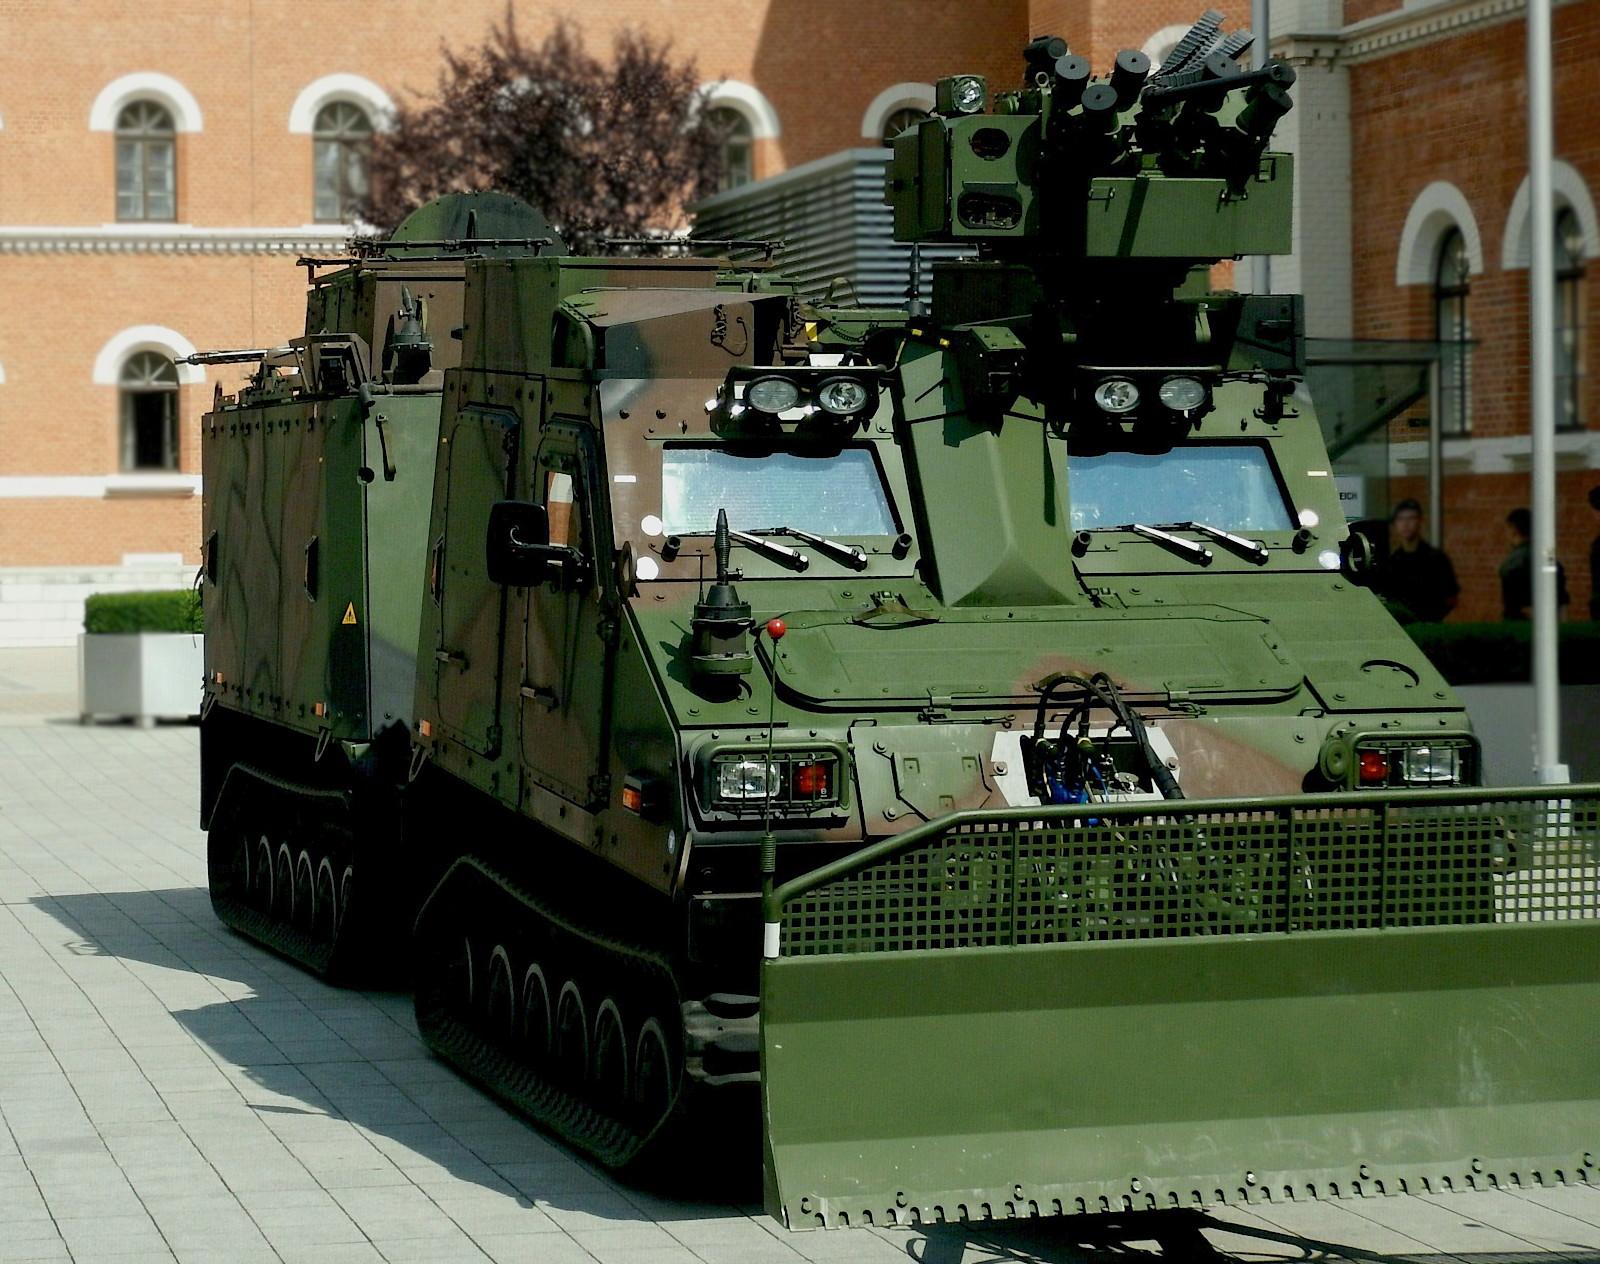 Geschütztes Universalgeländefahrzeug BvS10 AUT Hägglunds © DoppeladlerTeam / Vojtenko